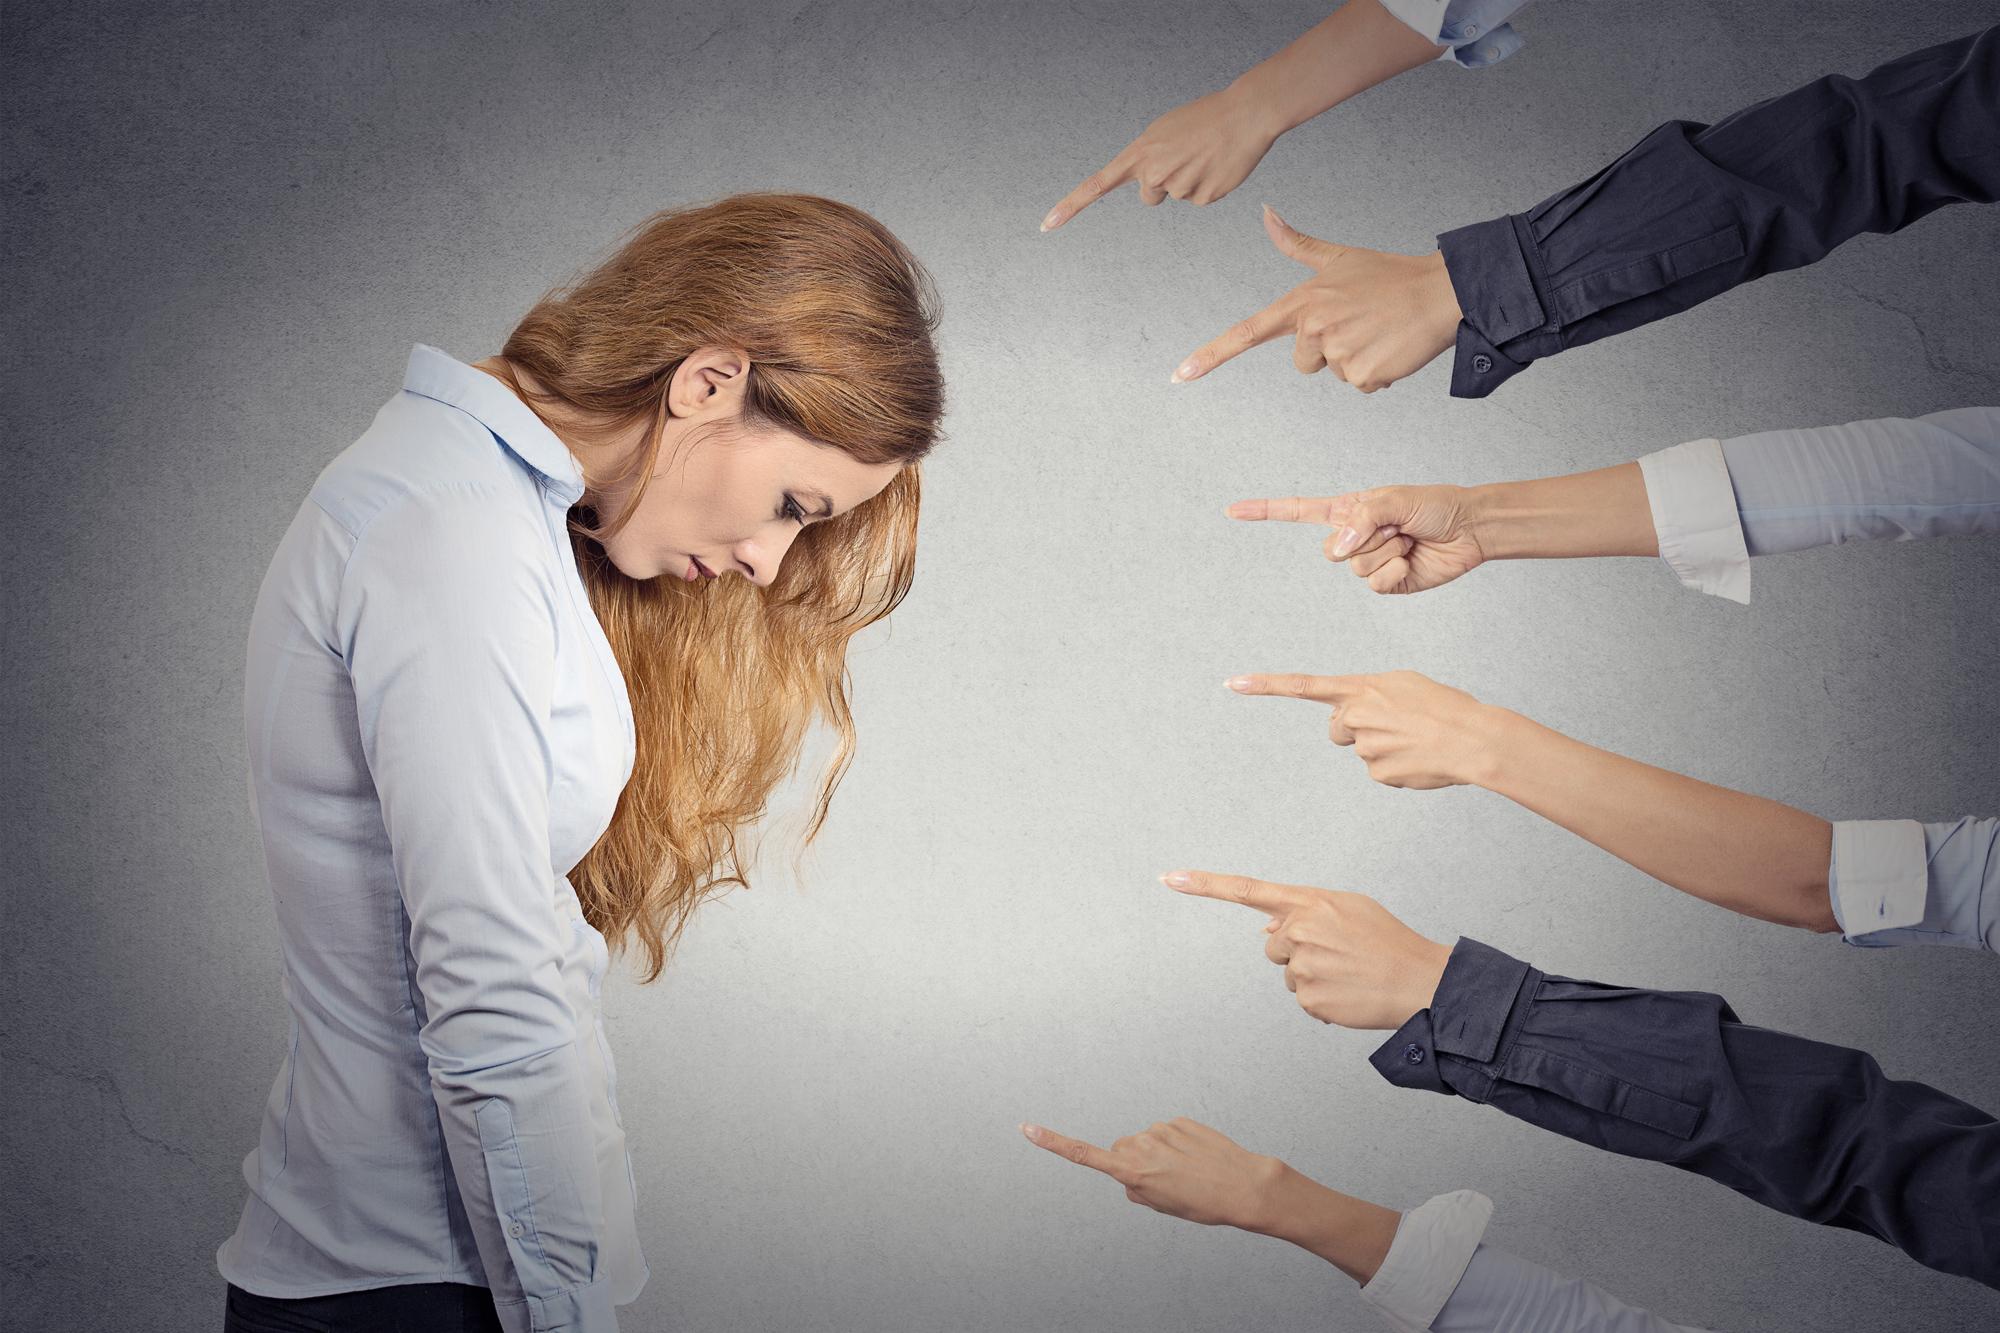 как повысить самооценку, как изменить самооценку, низкая самооценка, проблемы с самооценкой, не всё в порядке с самооценкой, как принять себя, как полюбить себя, как избавиться от чувства вины, как не обращать внимания на чужое мнение, зависимость от мнения окружающих